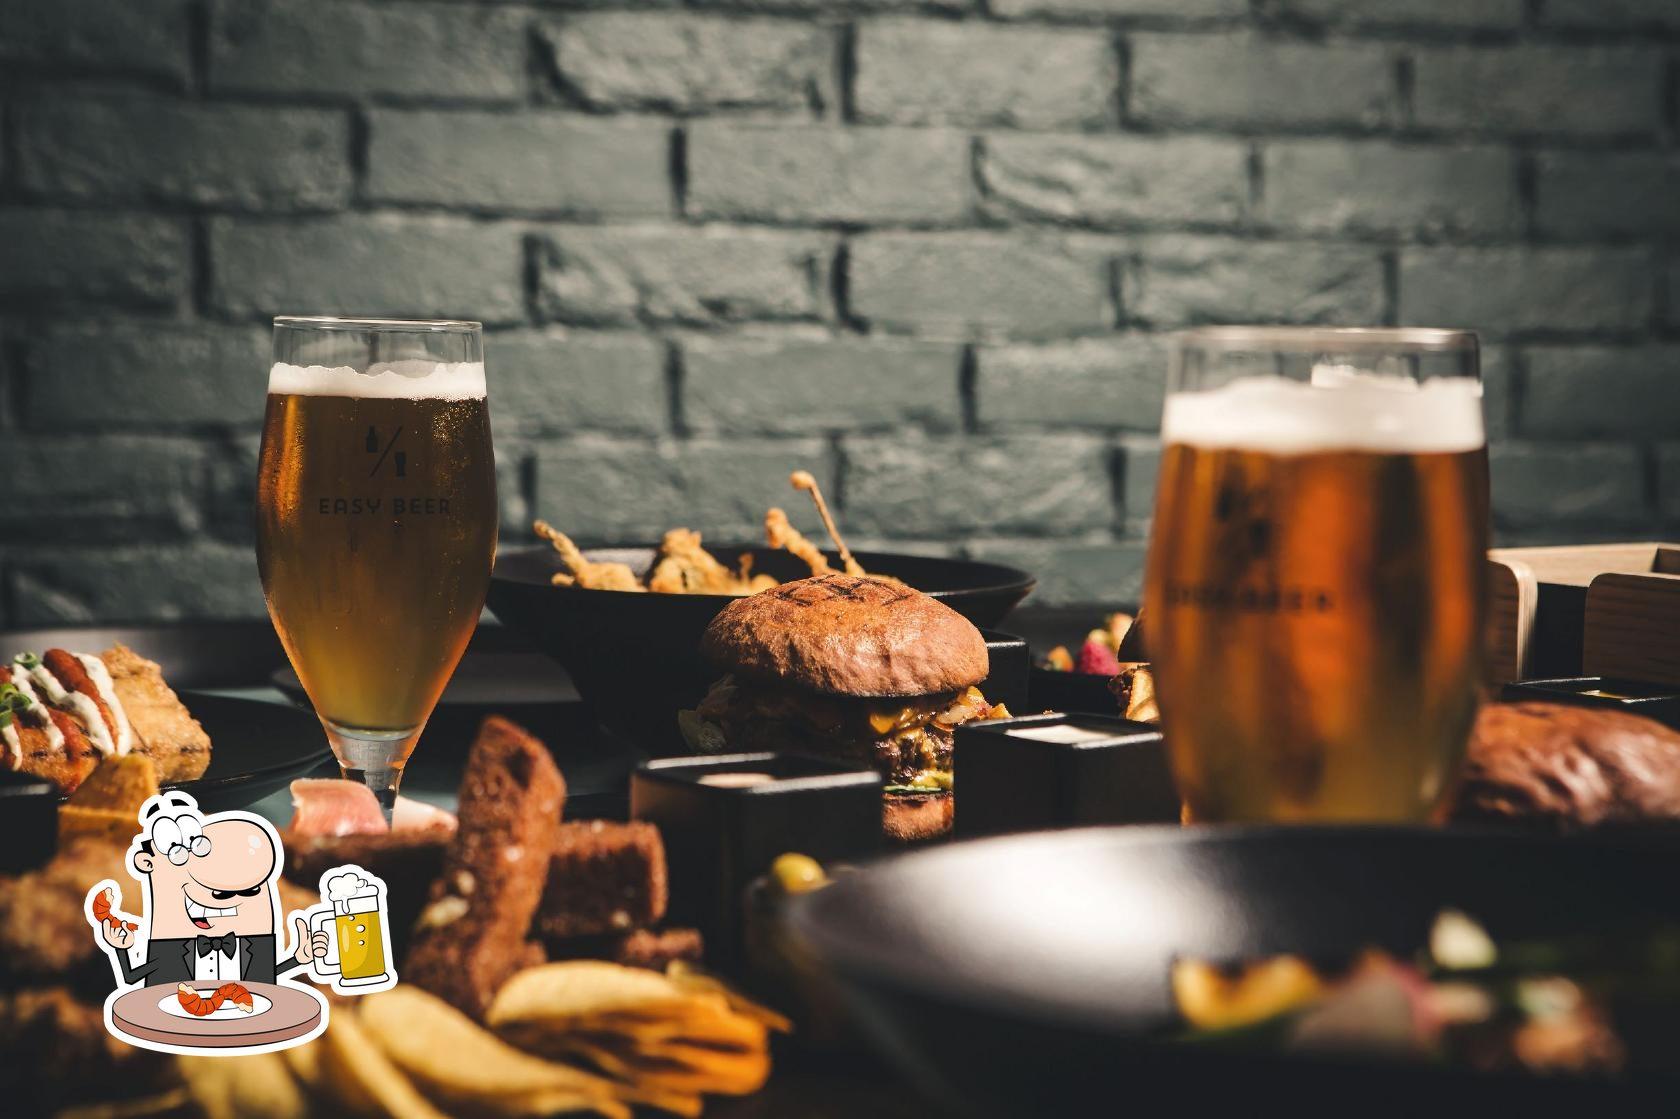 Kostet eine Auswahl an Bieren